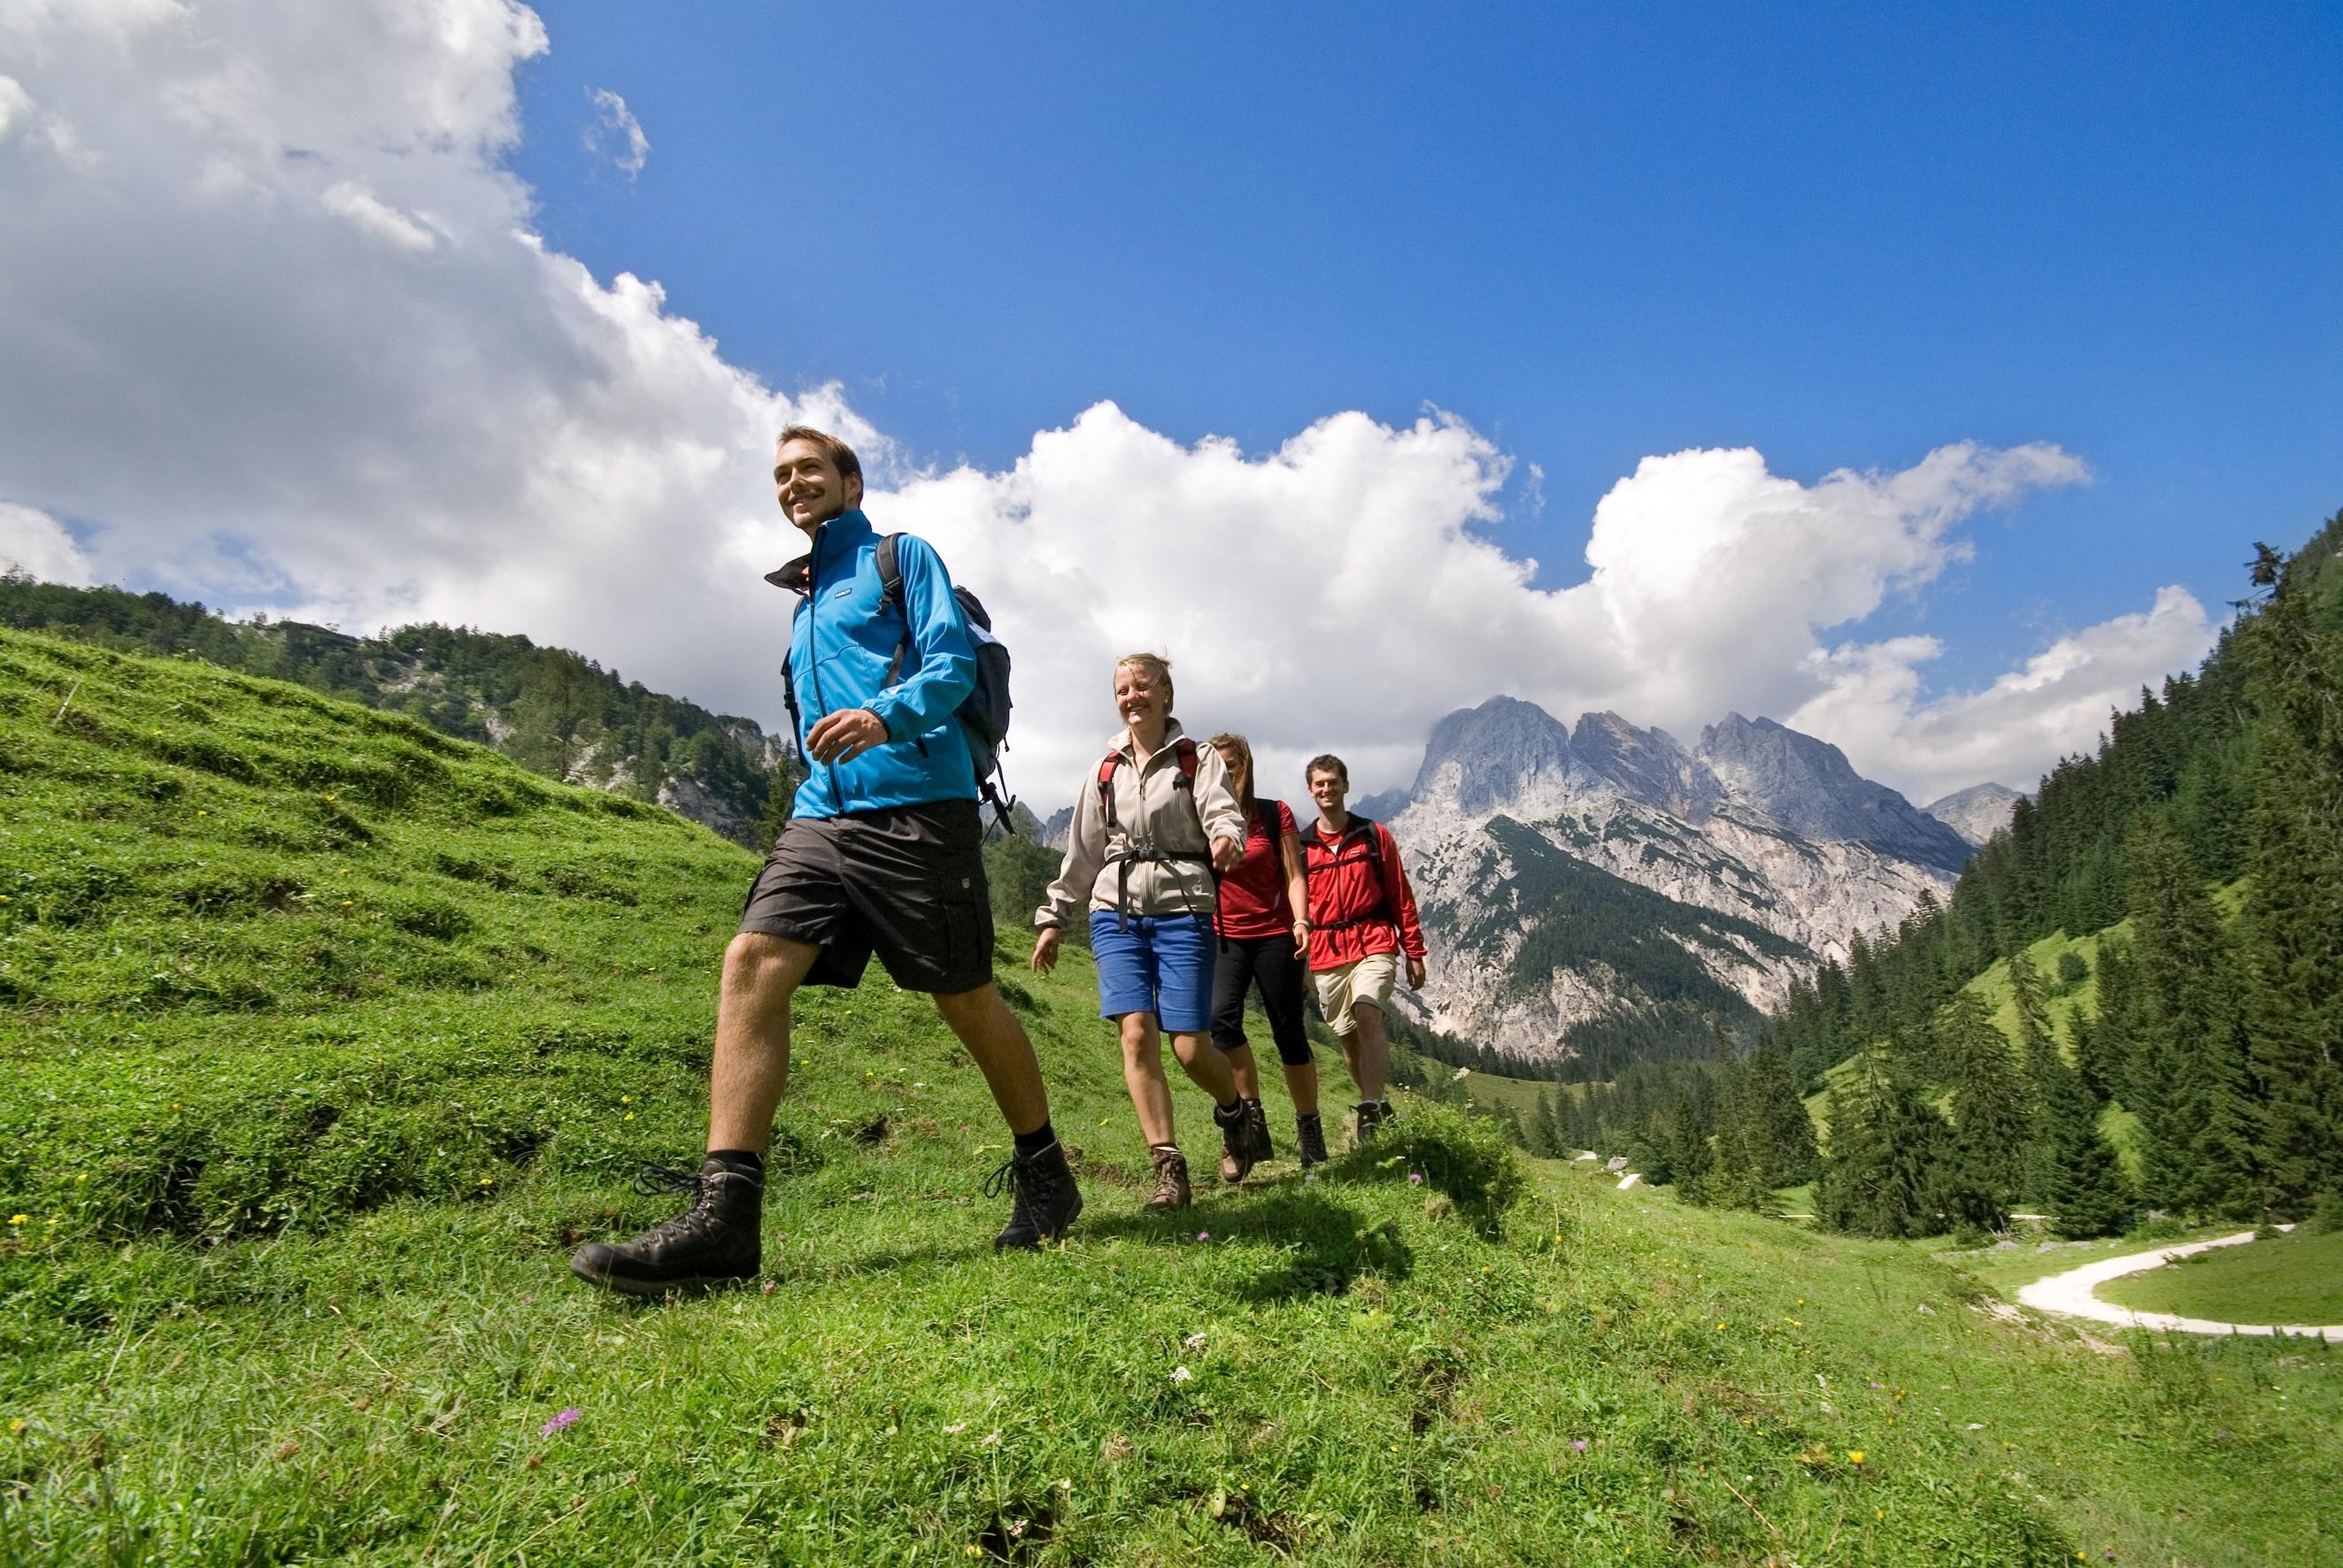 """Photo of Si svolge in questi giorni in Germania il primo """"ultra-trekking"""" delle Alpi"""